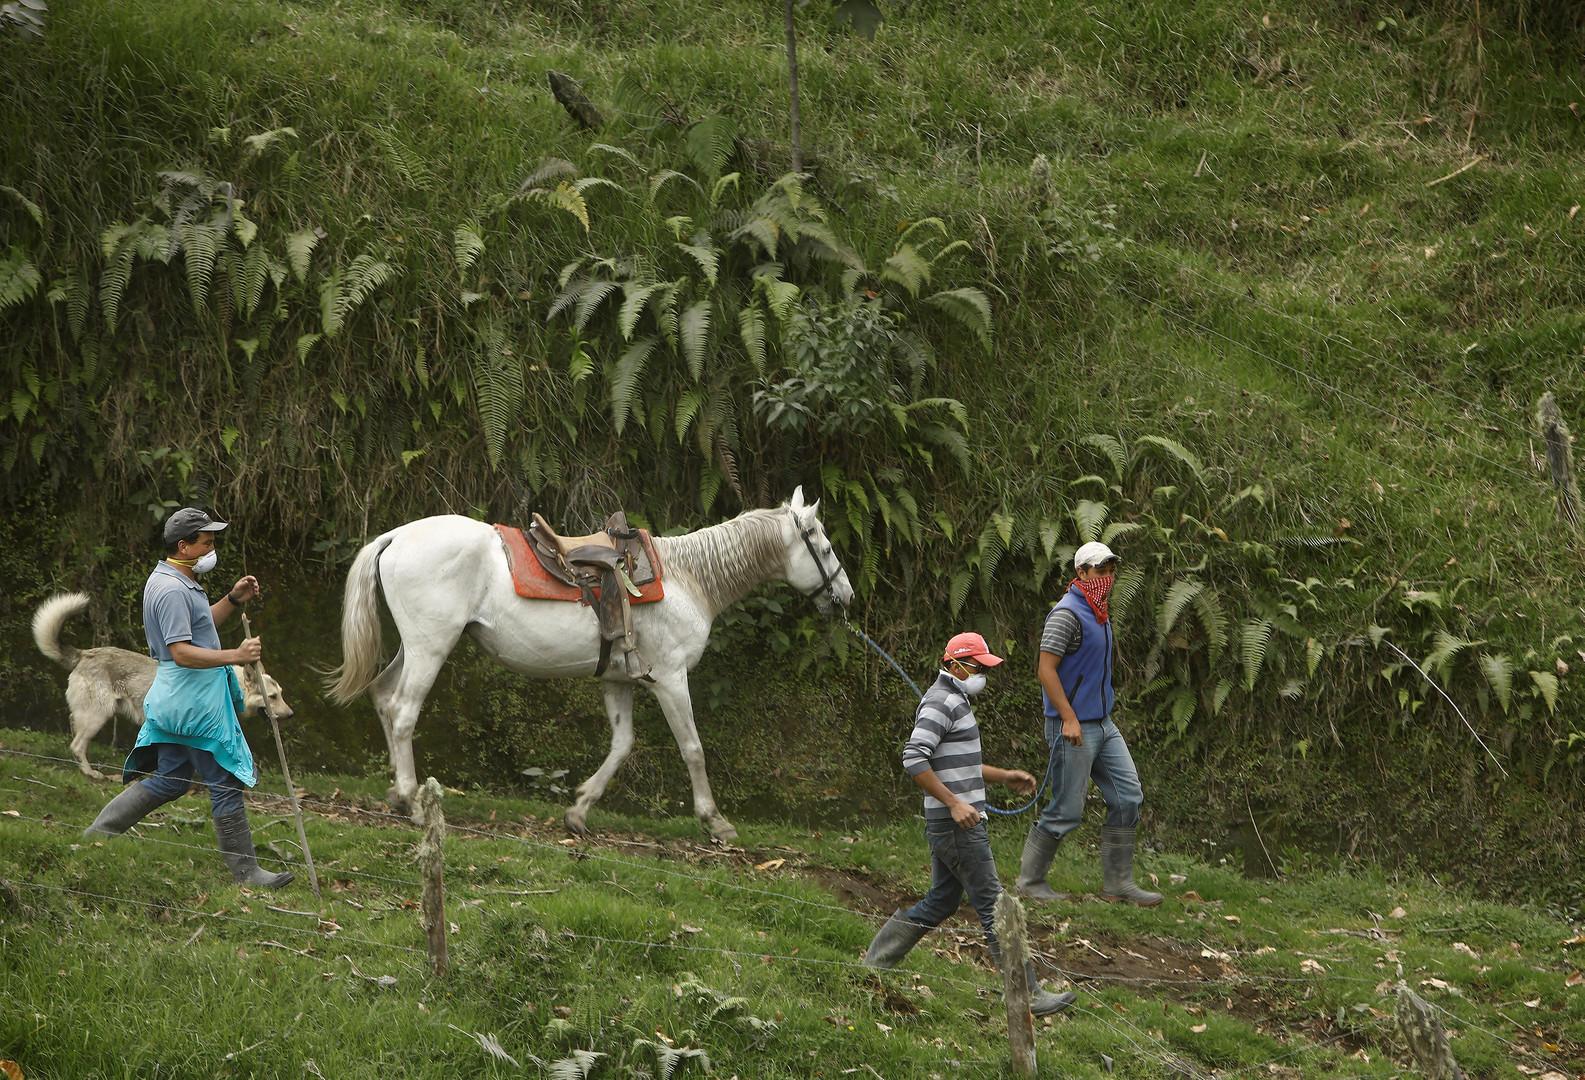 Фермеры работают в специальных масках после выпадения пепла от извержения вулкана Турриальба.